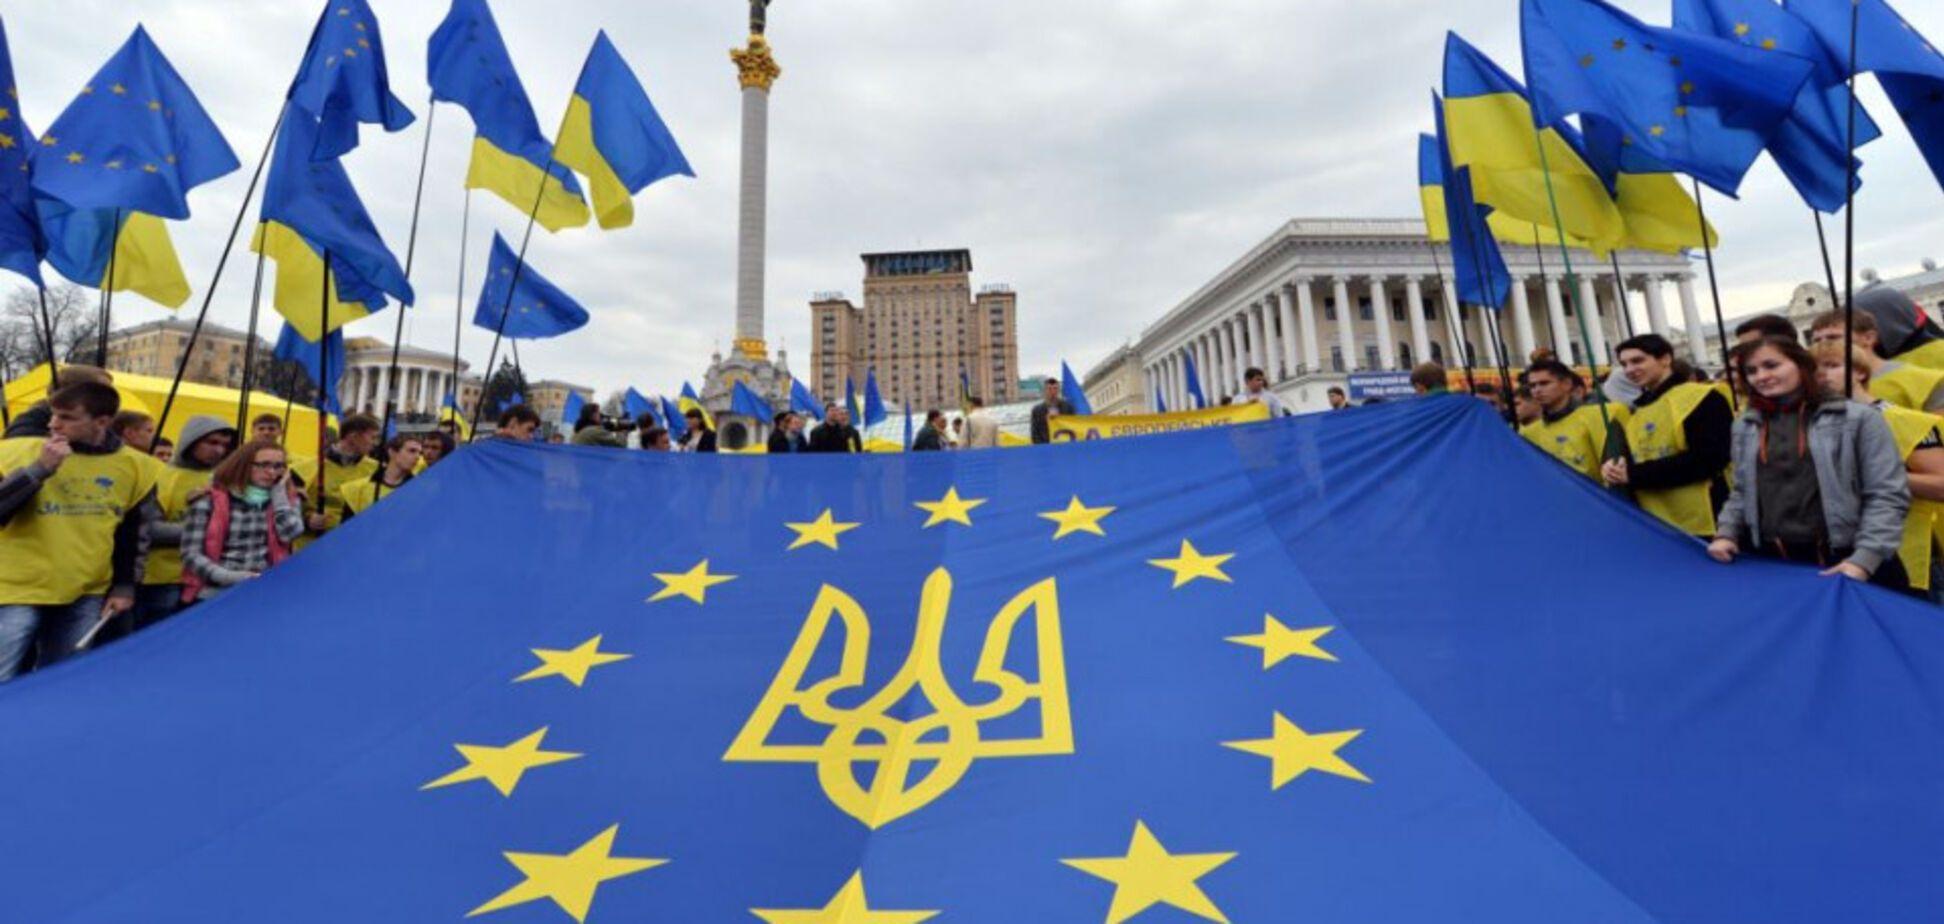 Украина и ЕС. Иллюстрация